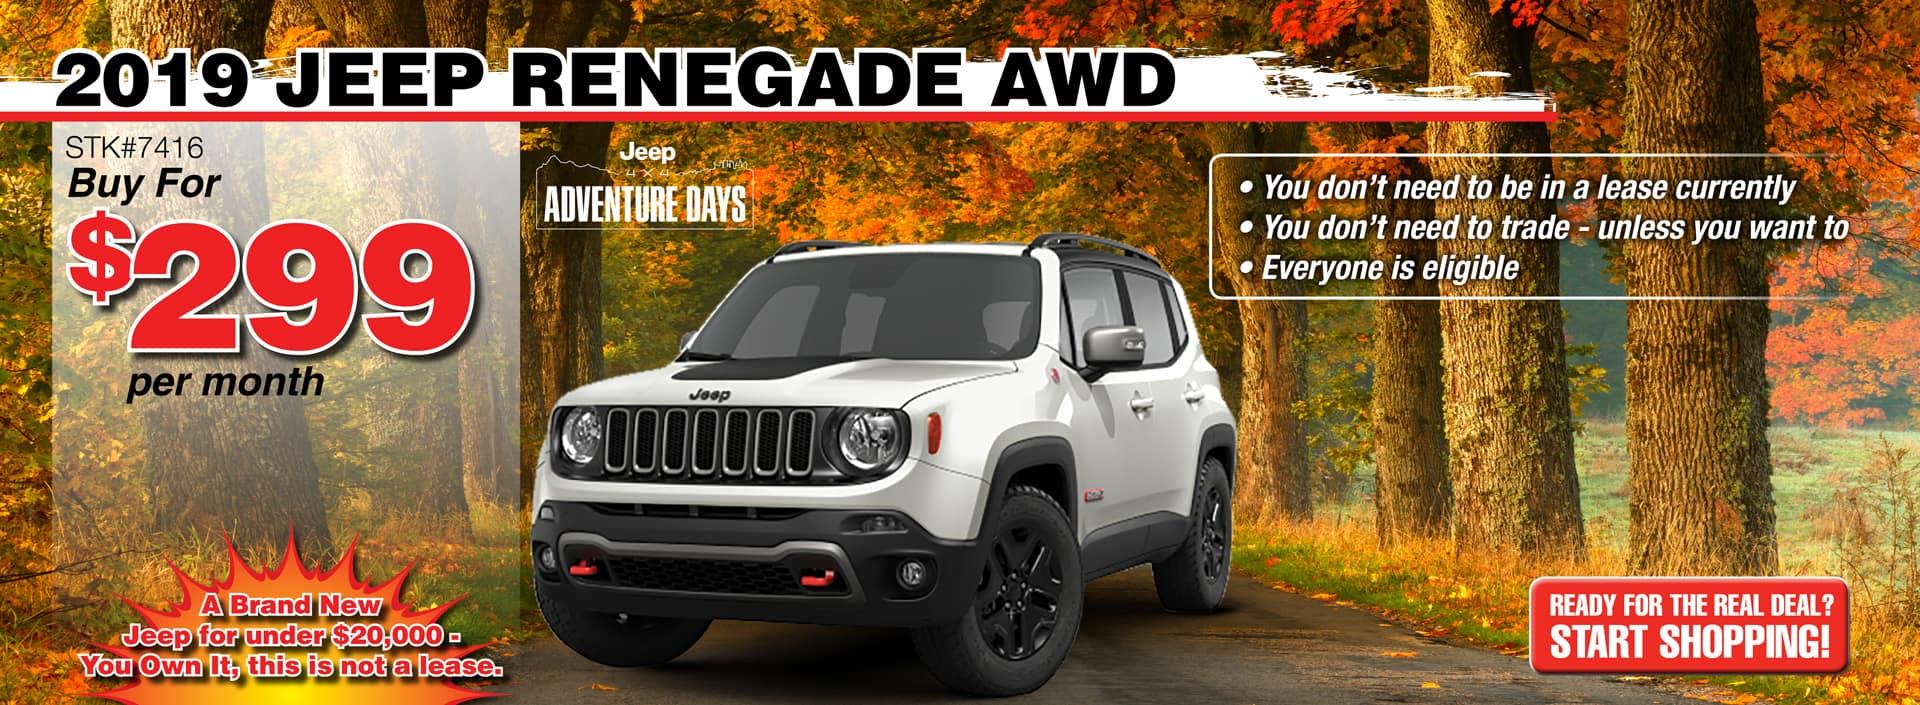 2019 Jeep Renegade AWD